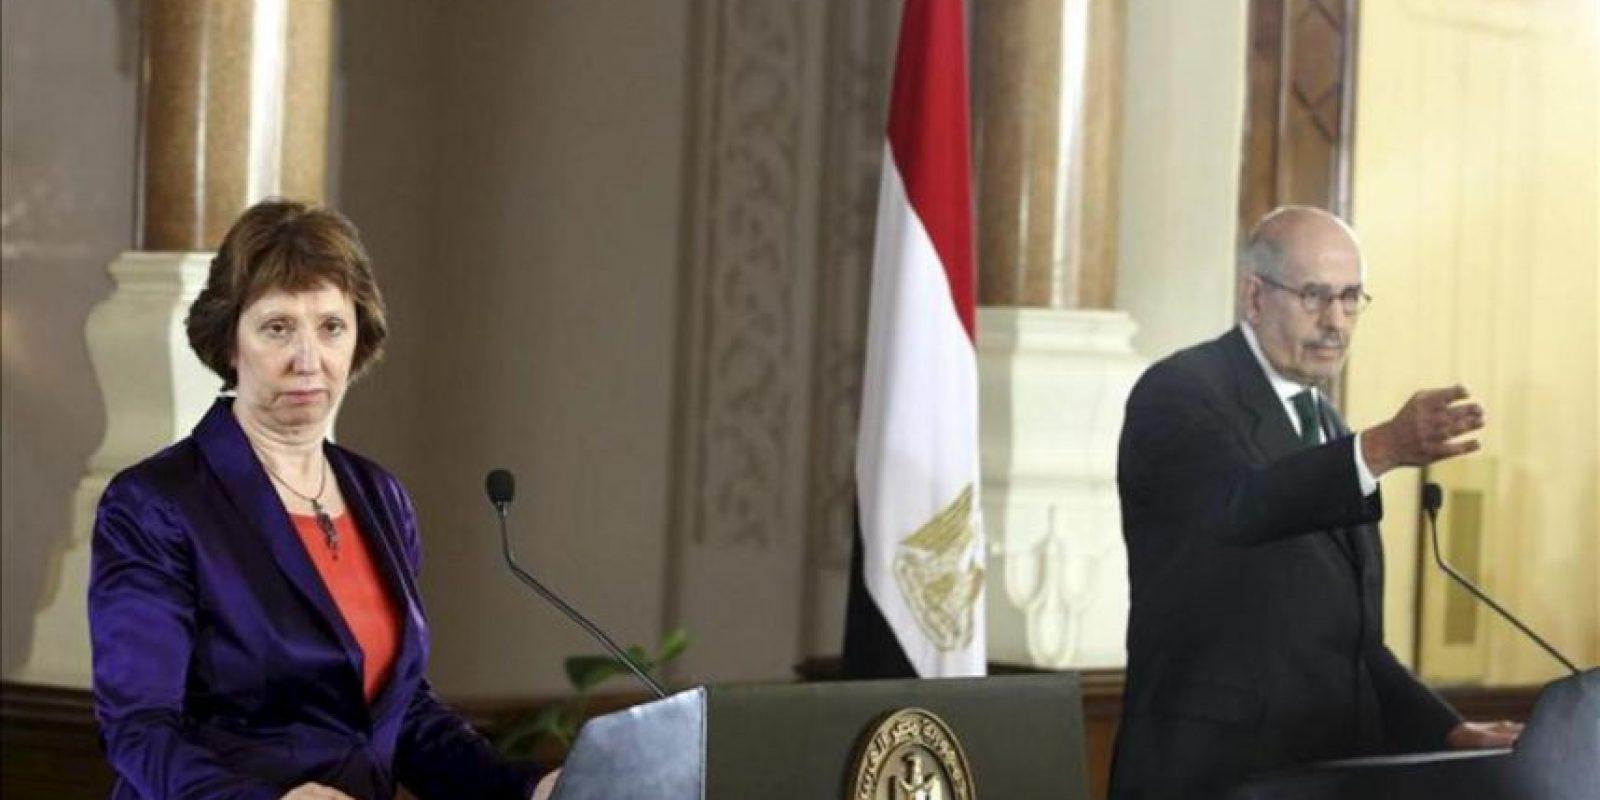 La alta representante de la UE, Catherine Ashton (izq), y el vicepresidente egipcio de Relaciones Exteriores, Mohamed el Baradei, dan una rueda de prensa conjunta en El Cairo (Egipto) hoy, martes 30 de julio de 2013. EFE